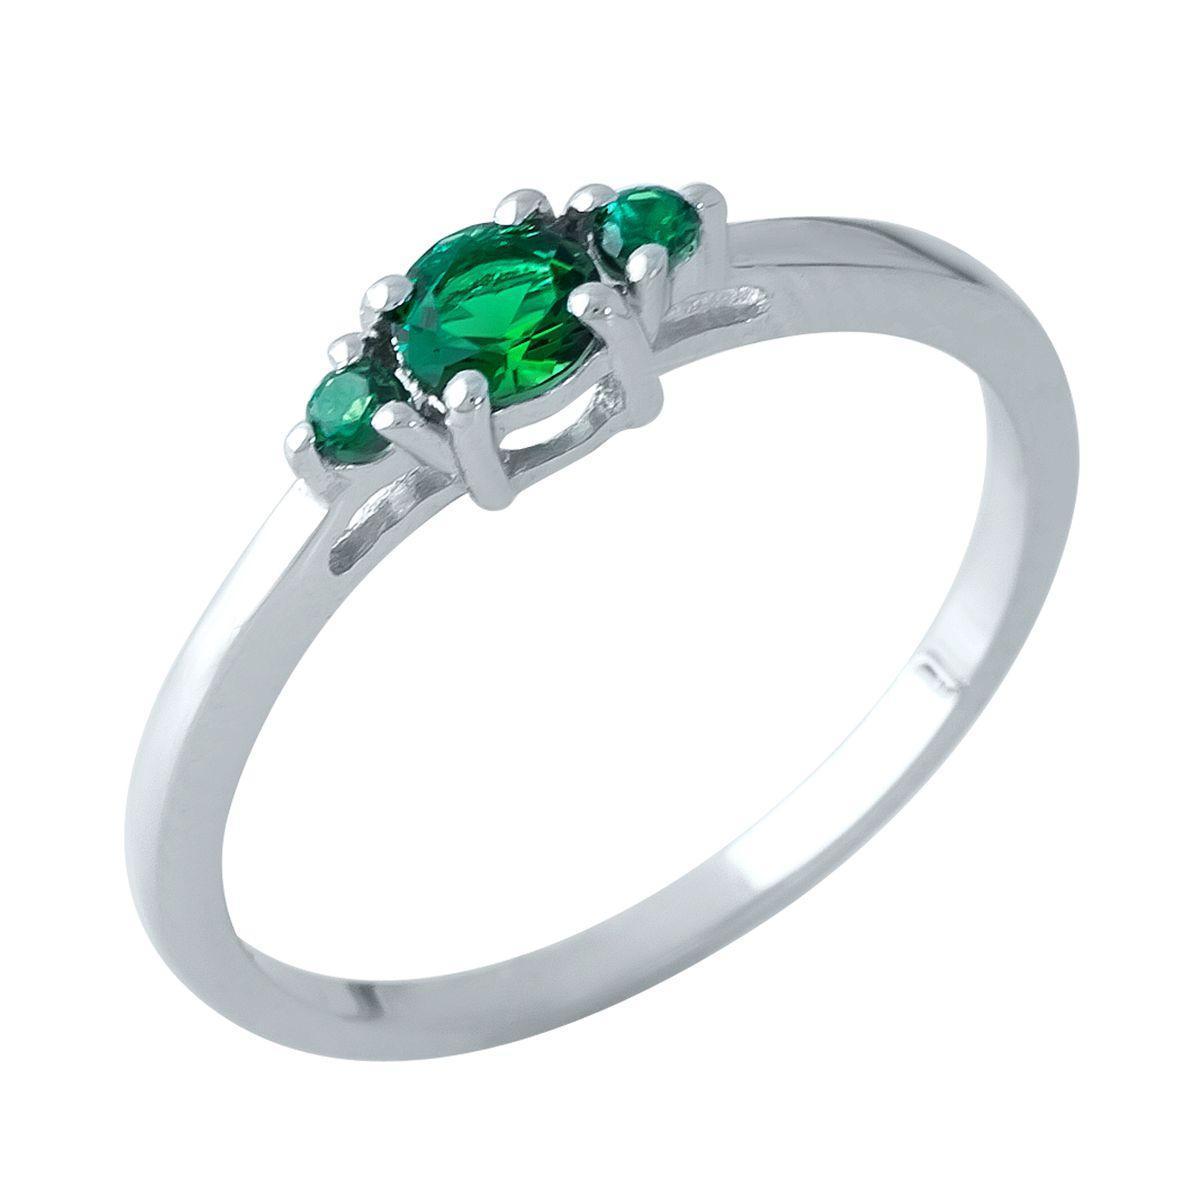 Родированное серебряное кольцо 925 пробы с изумрудом nano